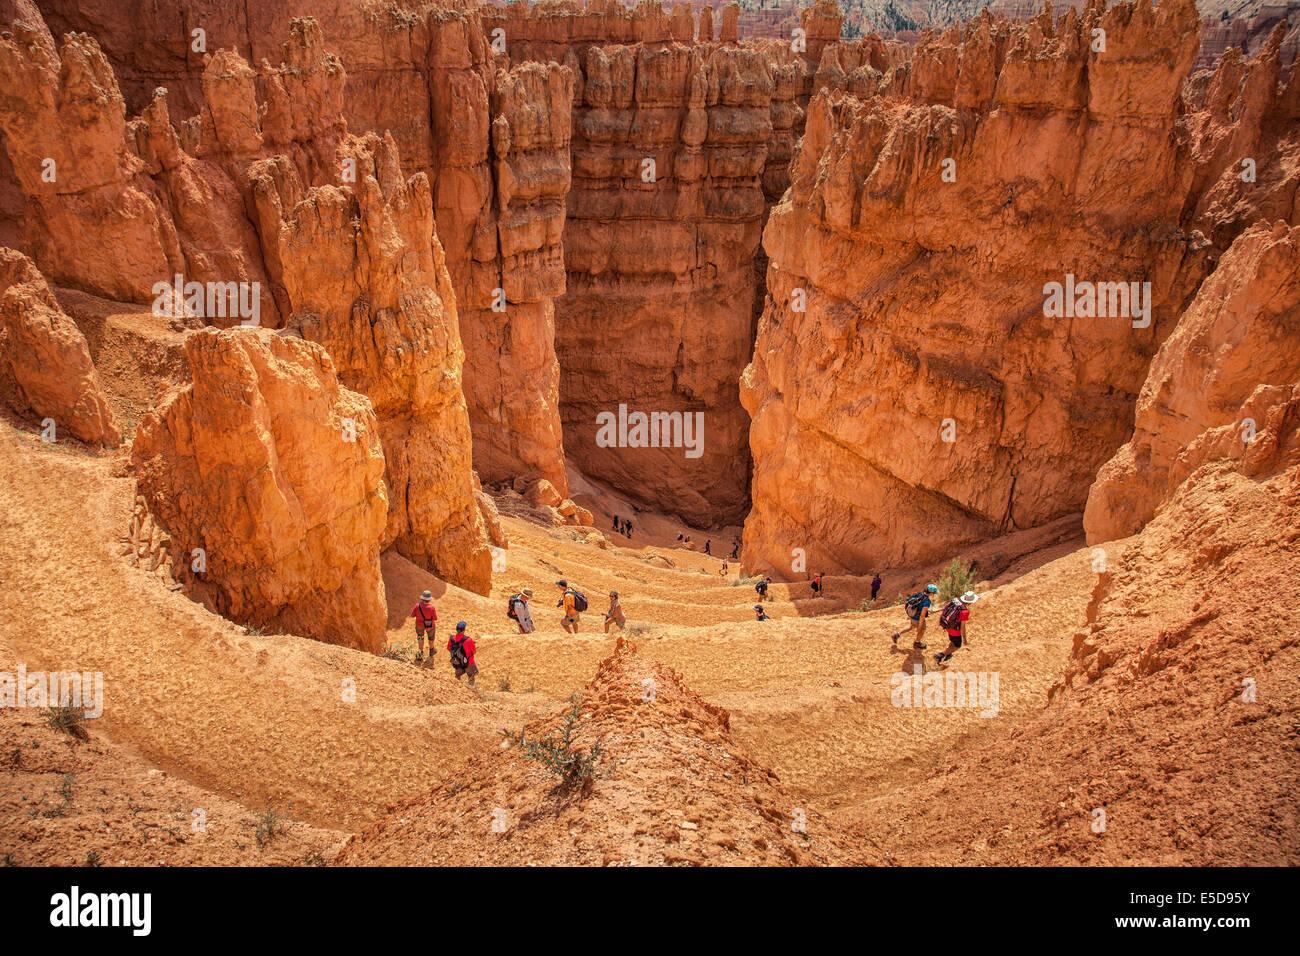 Touristen in die felsige Landschaft, Bryce Canyon, Utah, USA Stockbild